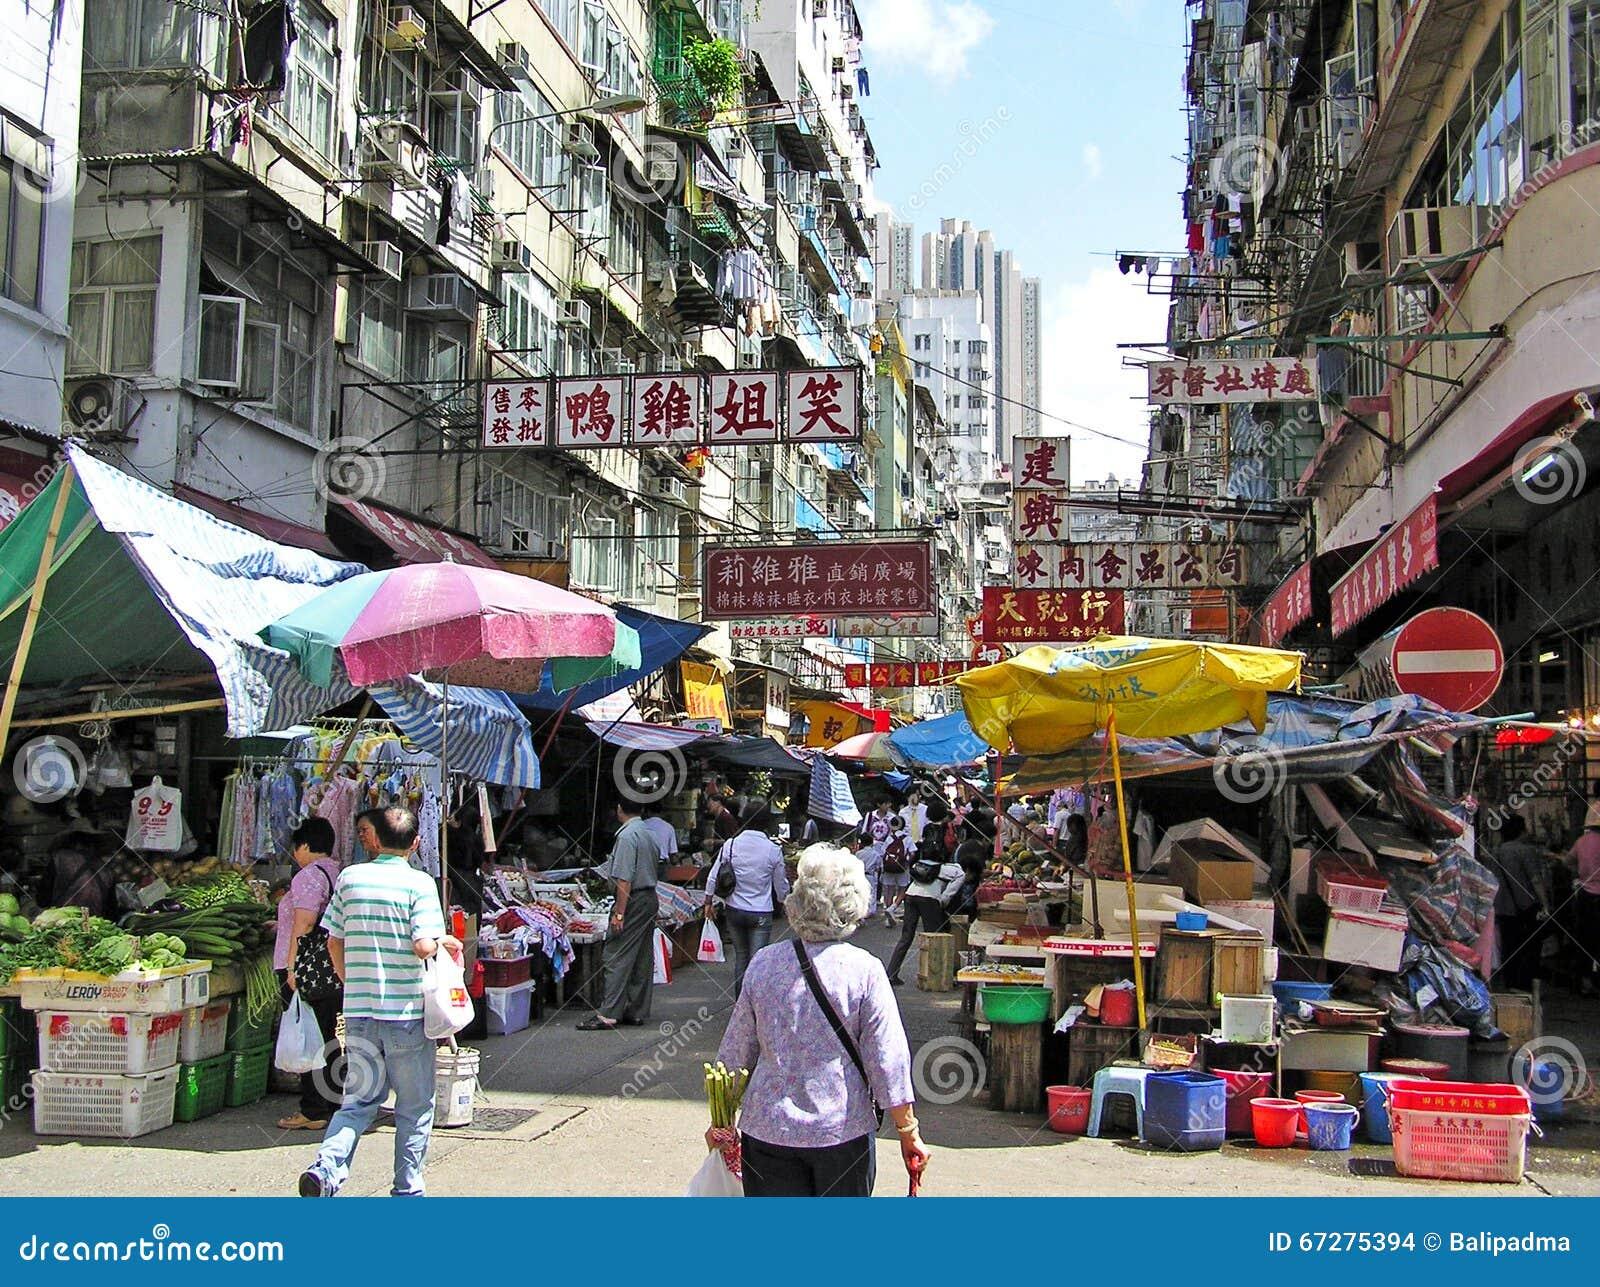 China forex market